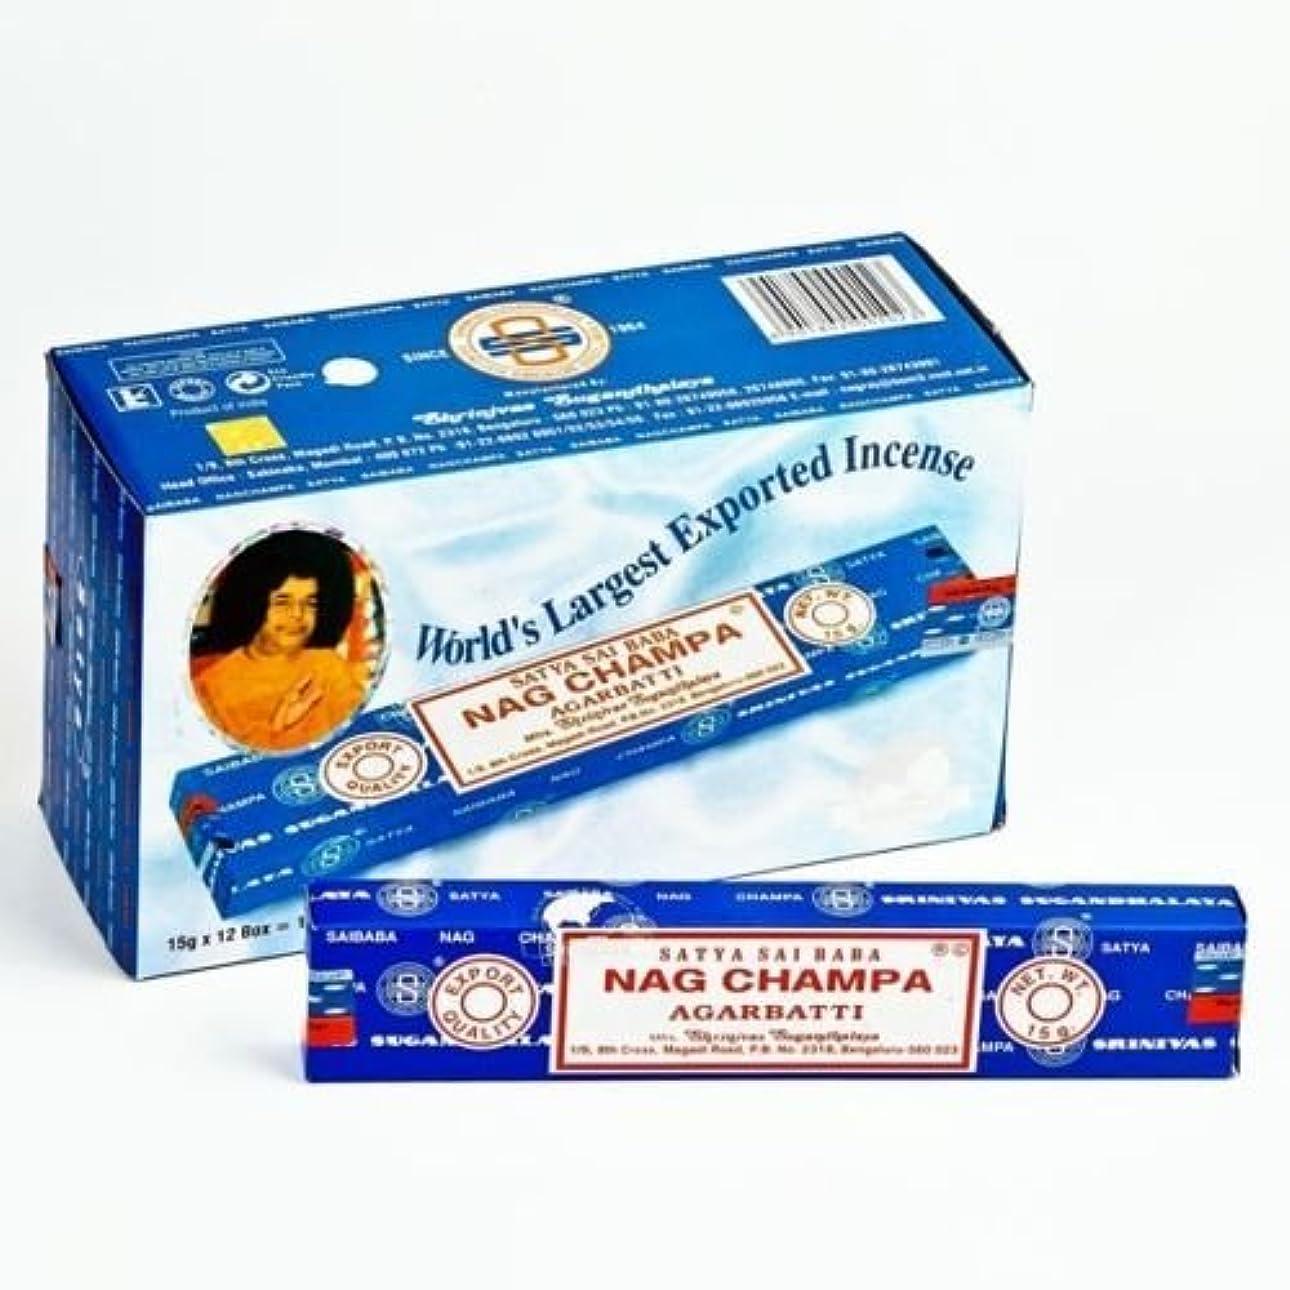 リアル名前天国Nag Champa incense sticks 15G X 12 BOX = 180G